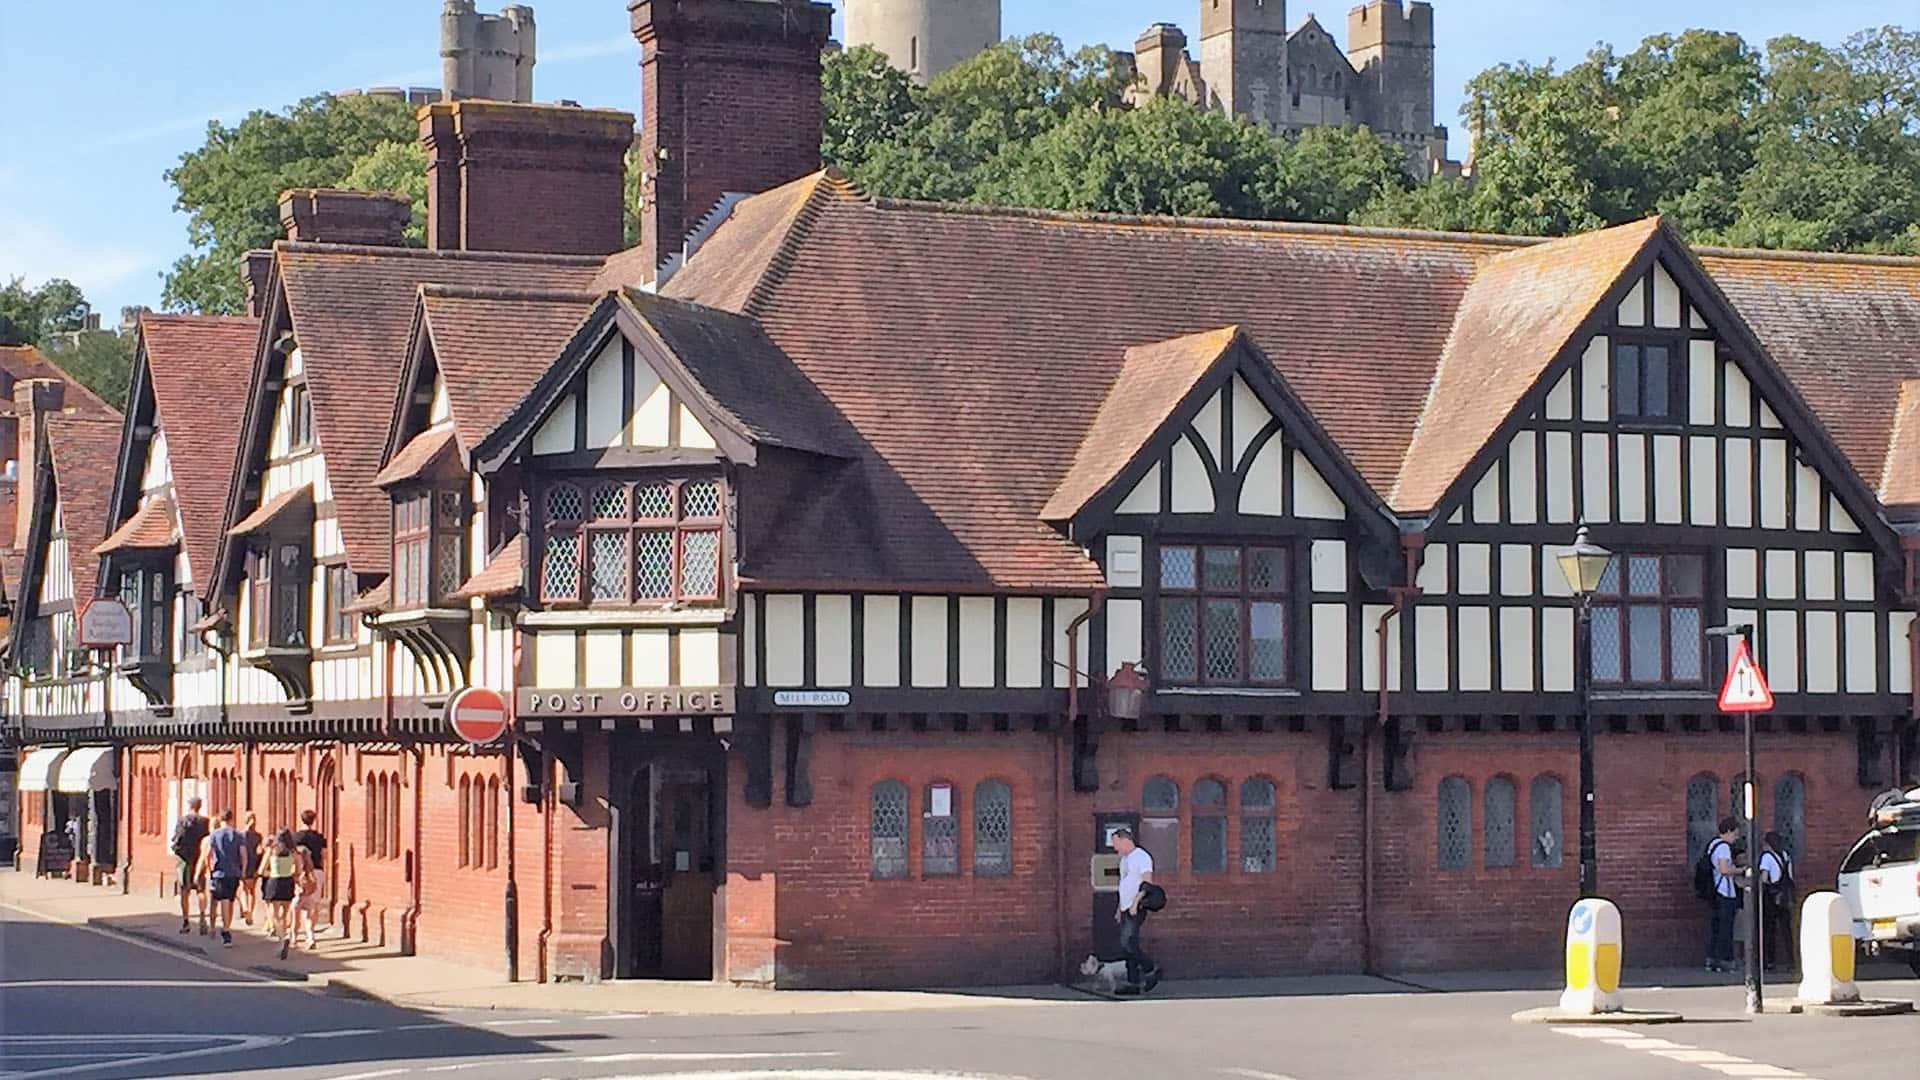 Post Office Near Arundel Castle